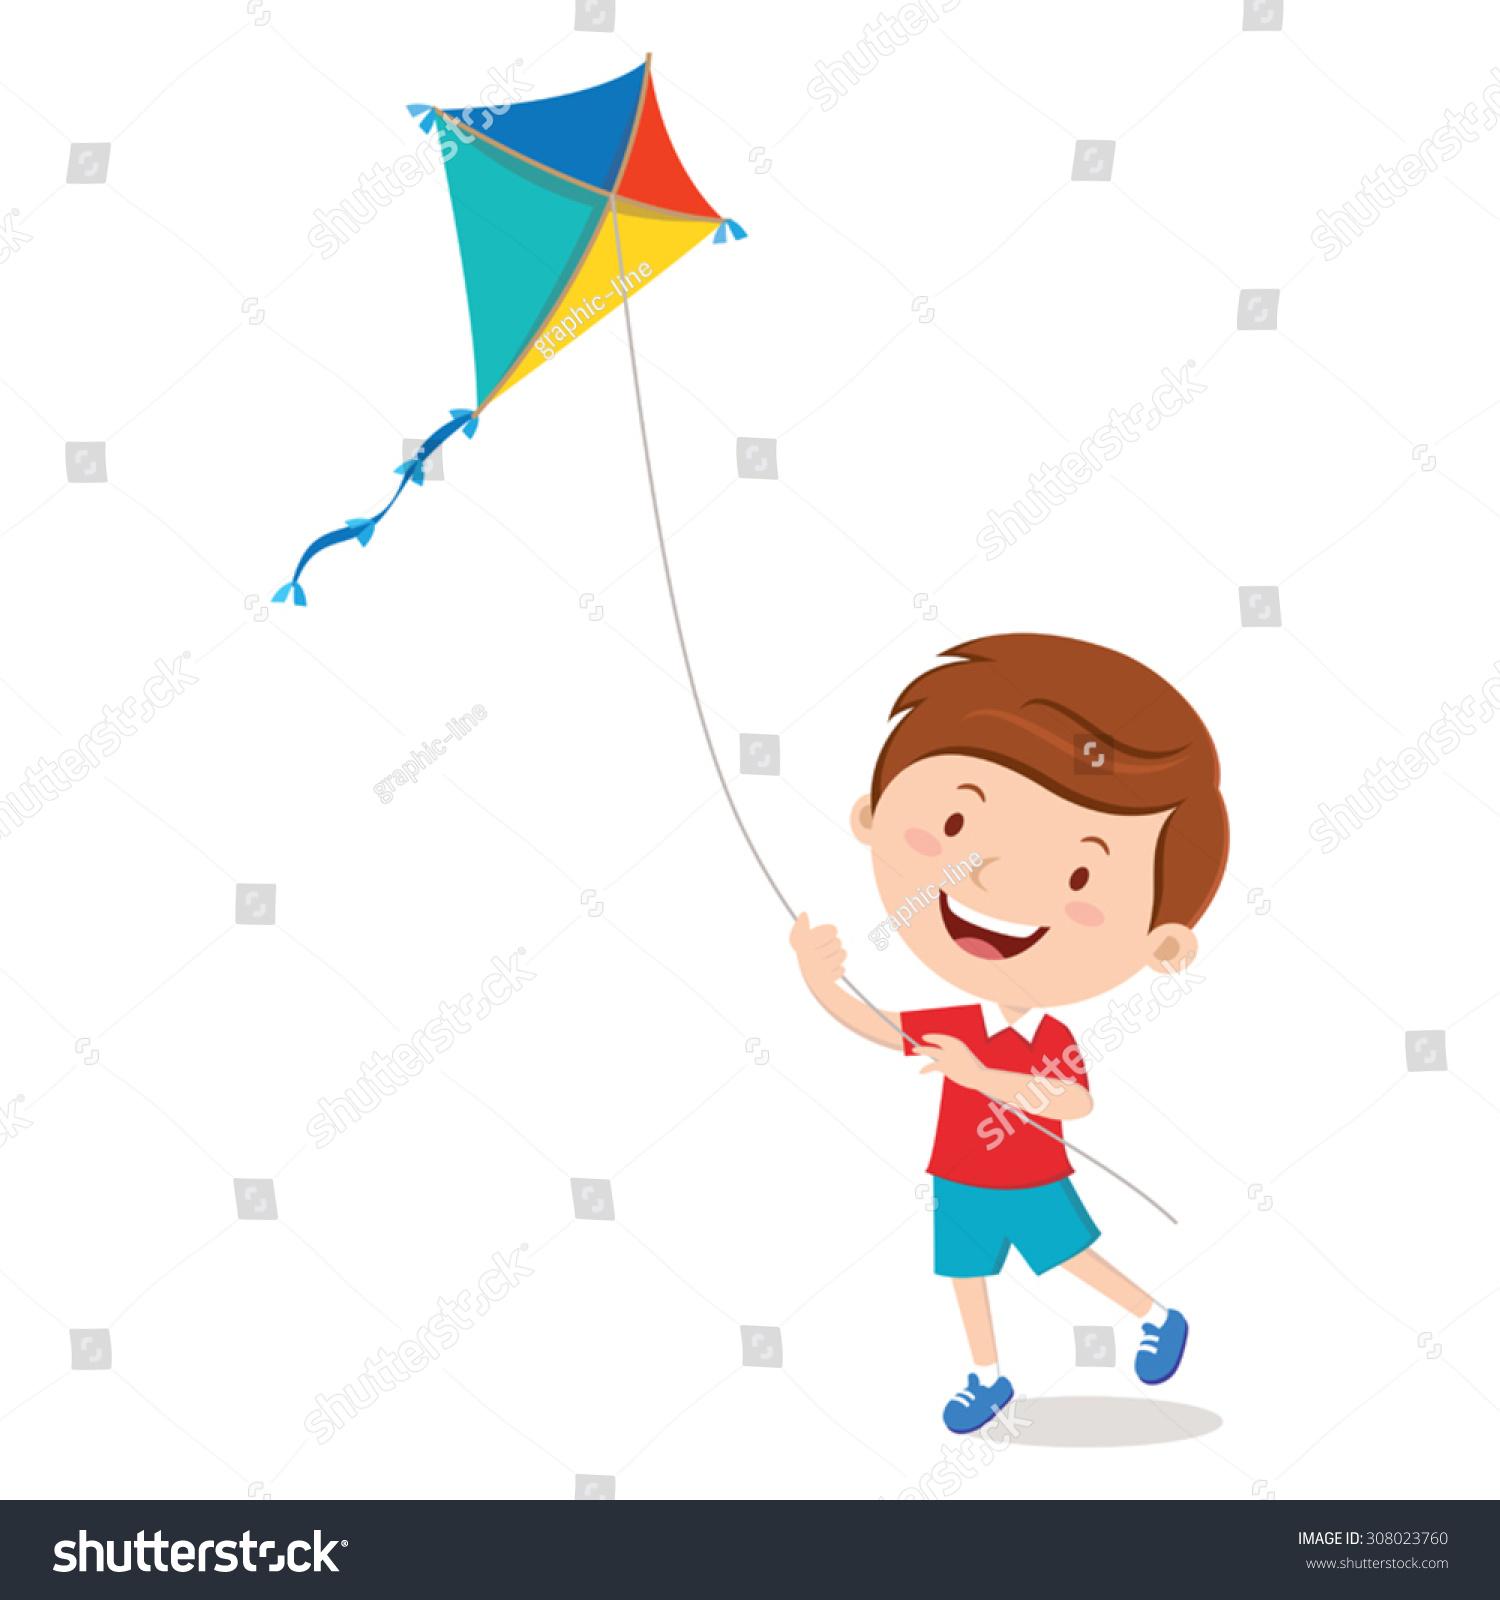 flying kite illustration - photo #7